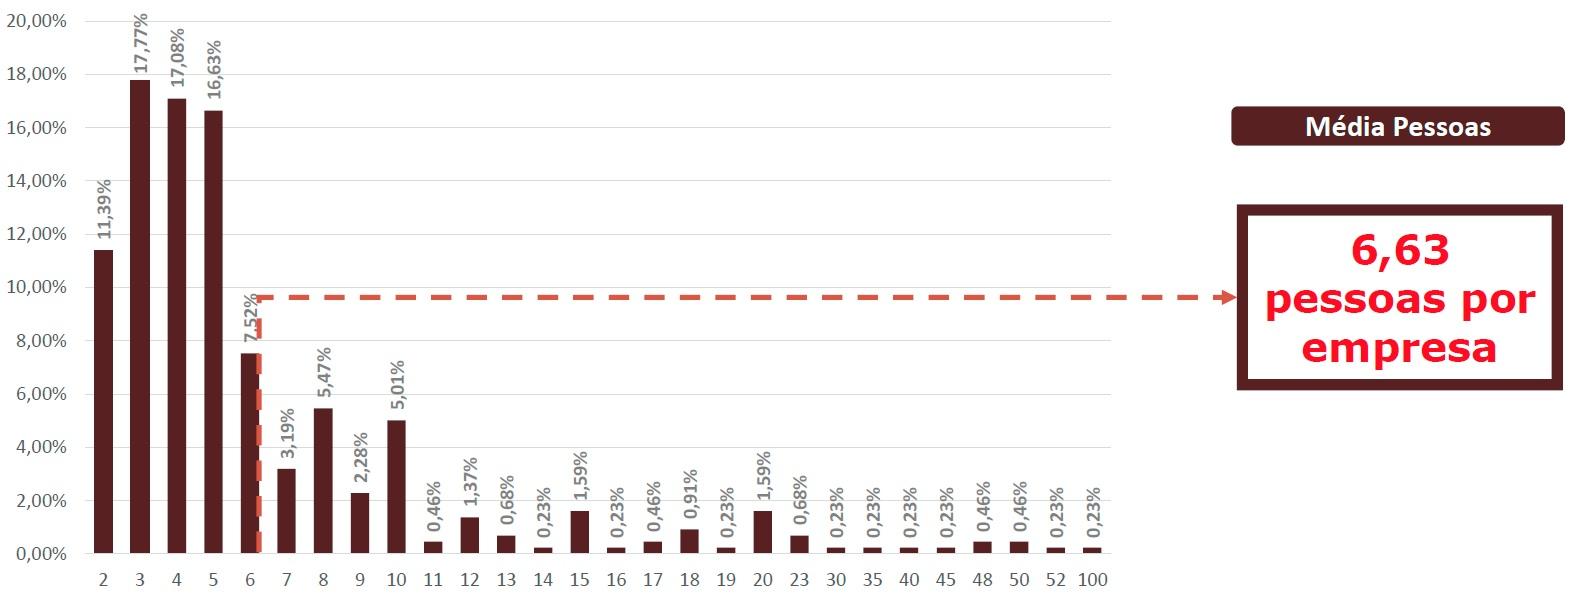 Energia solar no Brasil - Quantidade de pessoas que atuam em energia solar por empresa